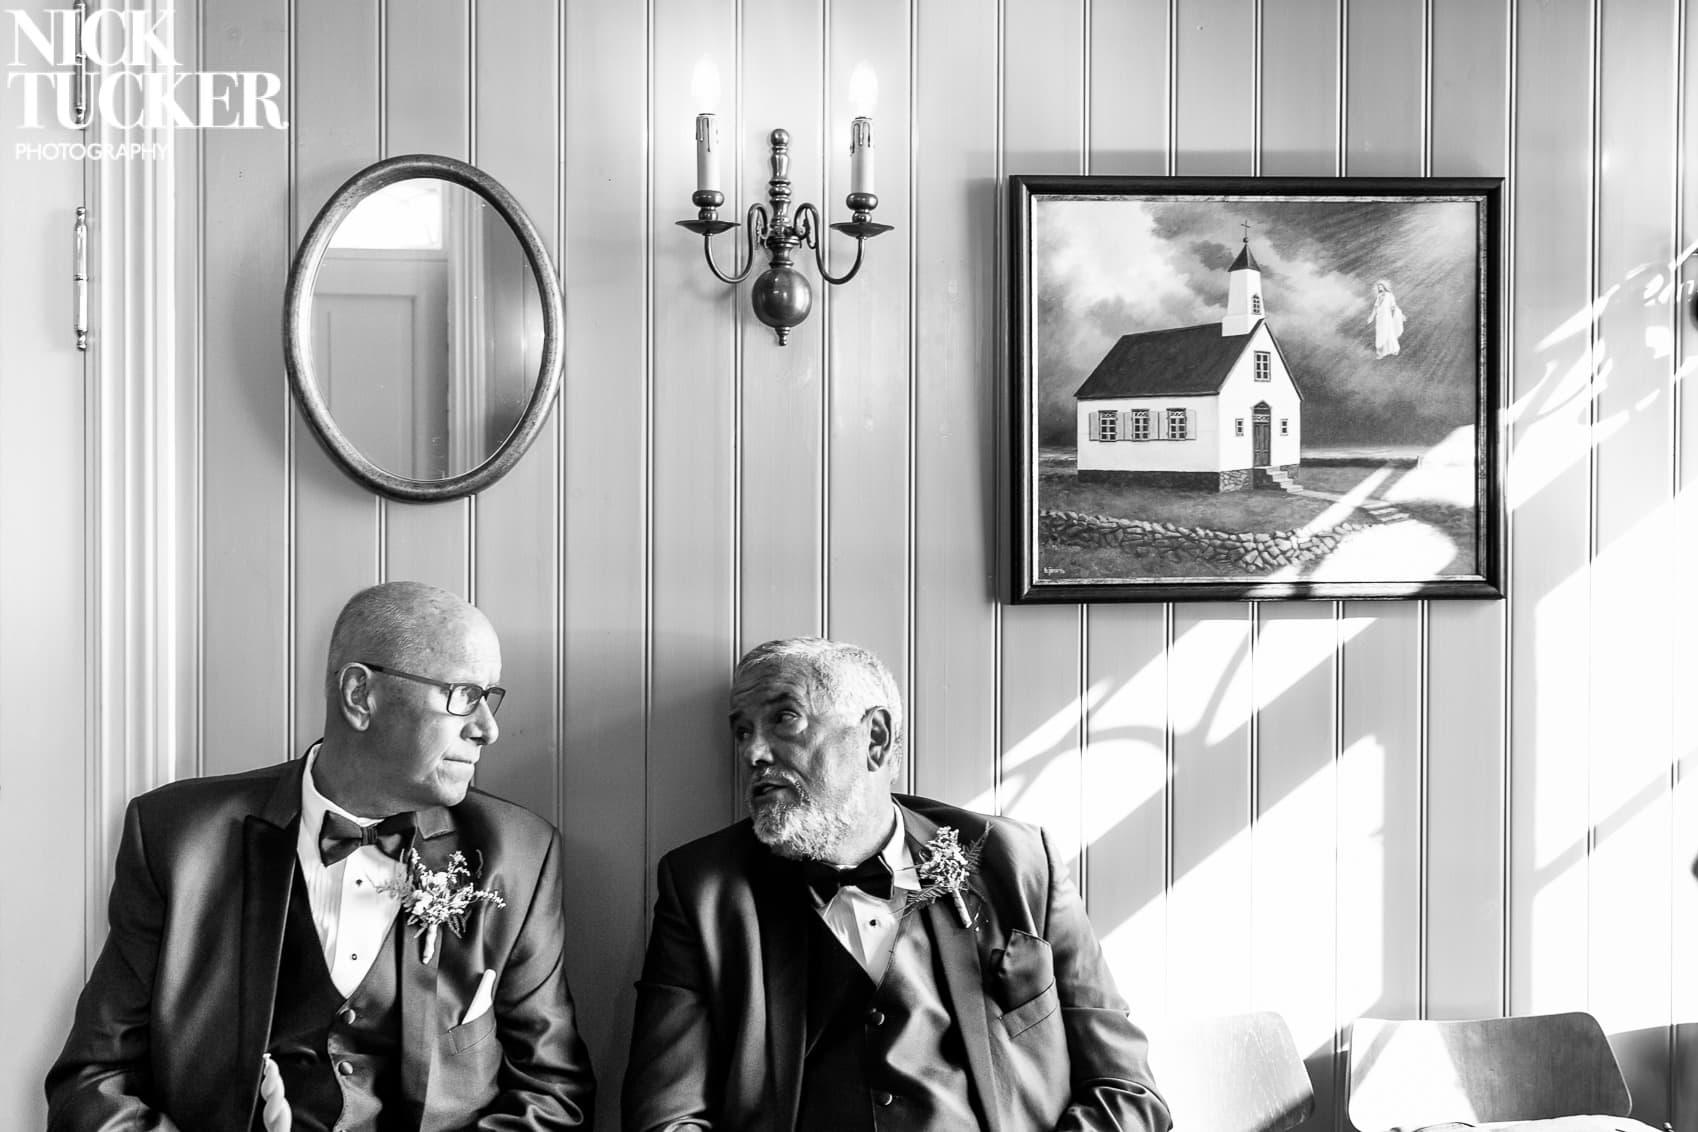 Iceland Wedding Photographer | Nick Tucker Photography